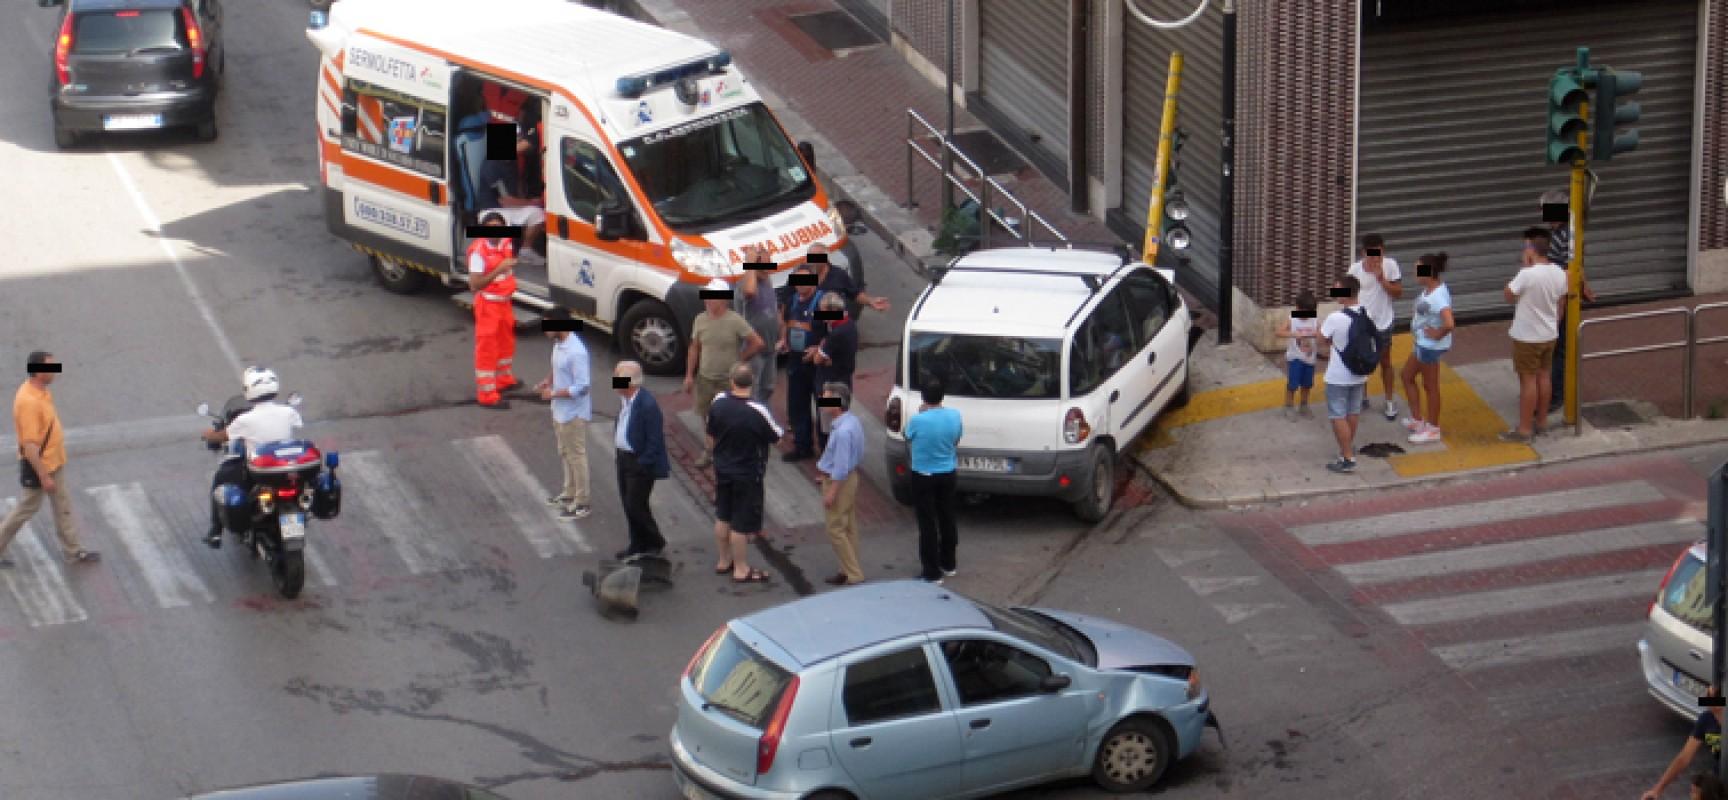 Nuovo incidente all'incrocio tra Via Aldo Moro e Via Petronelli, coinvolte due autovetture